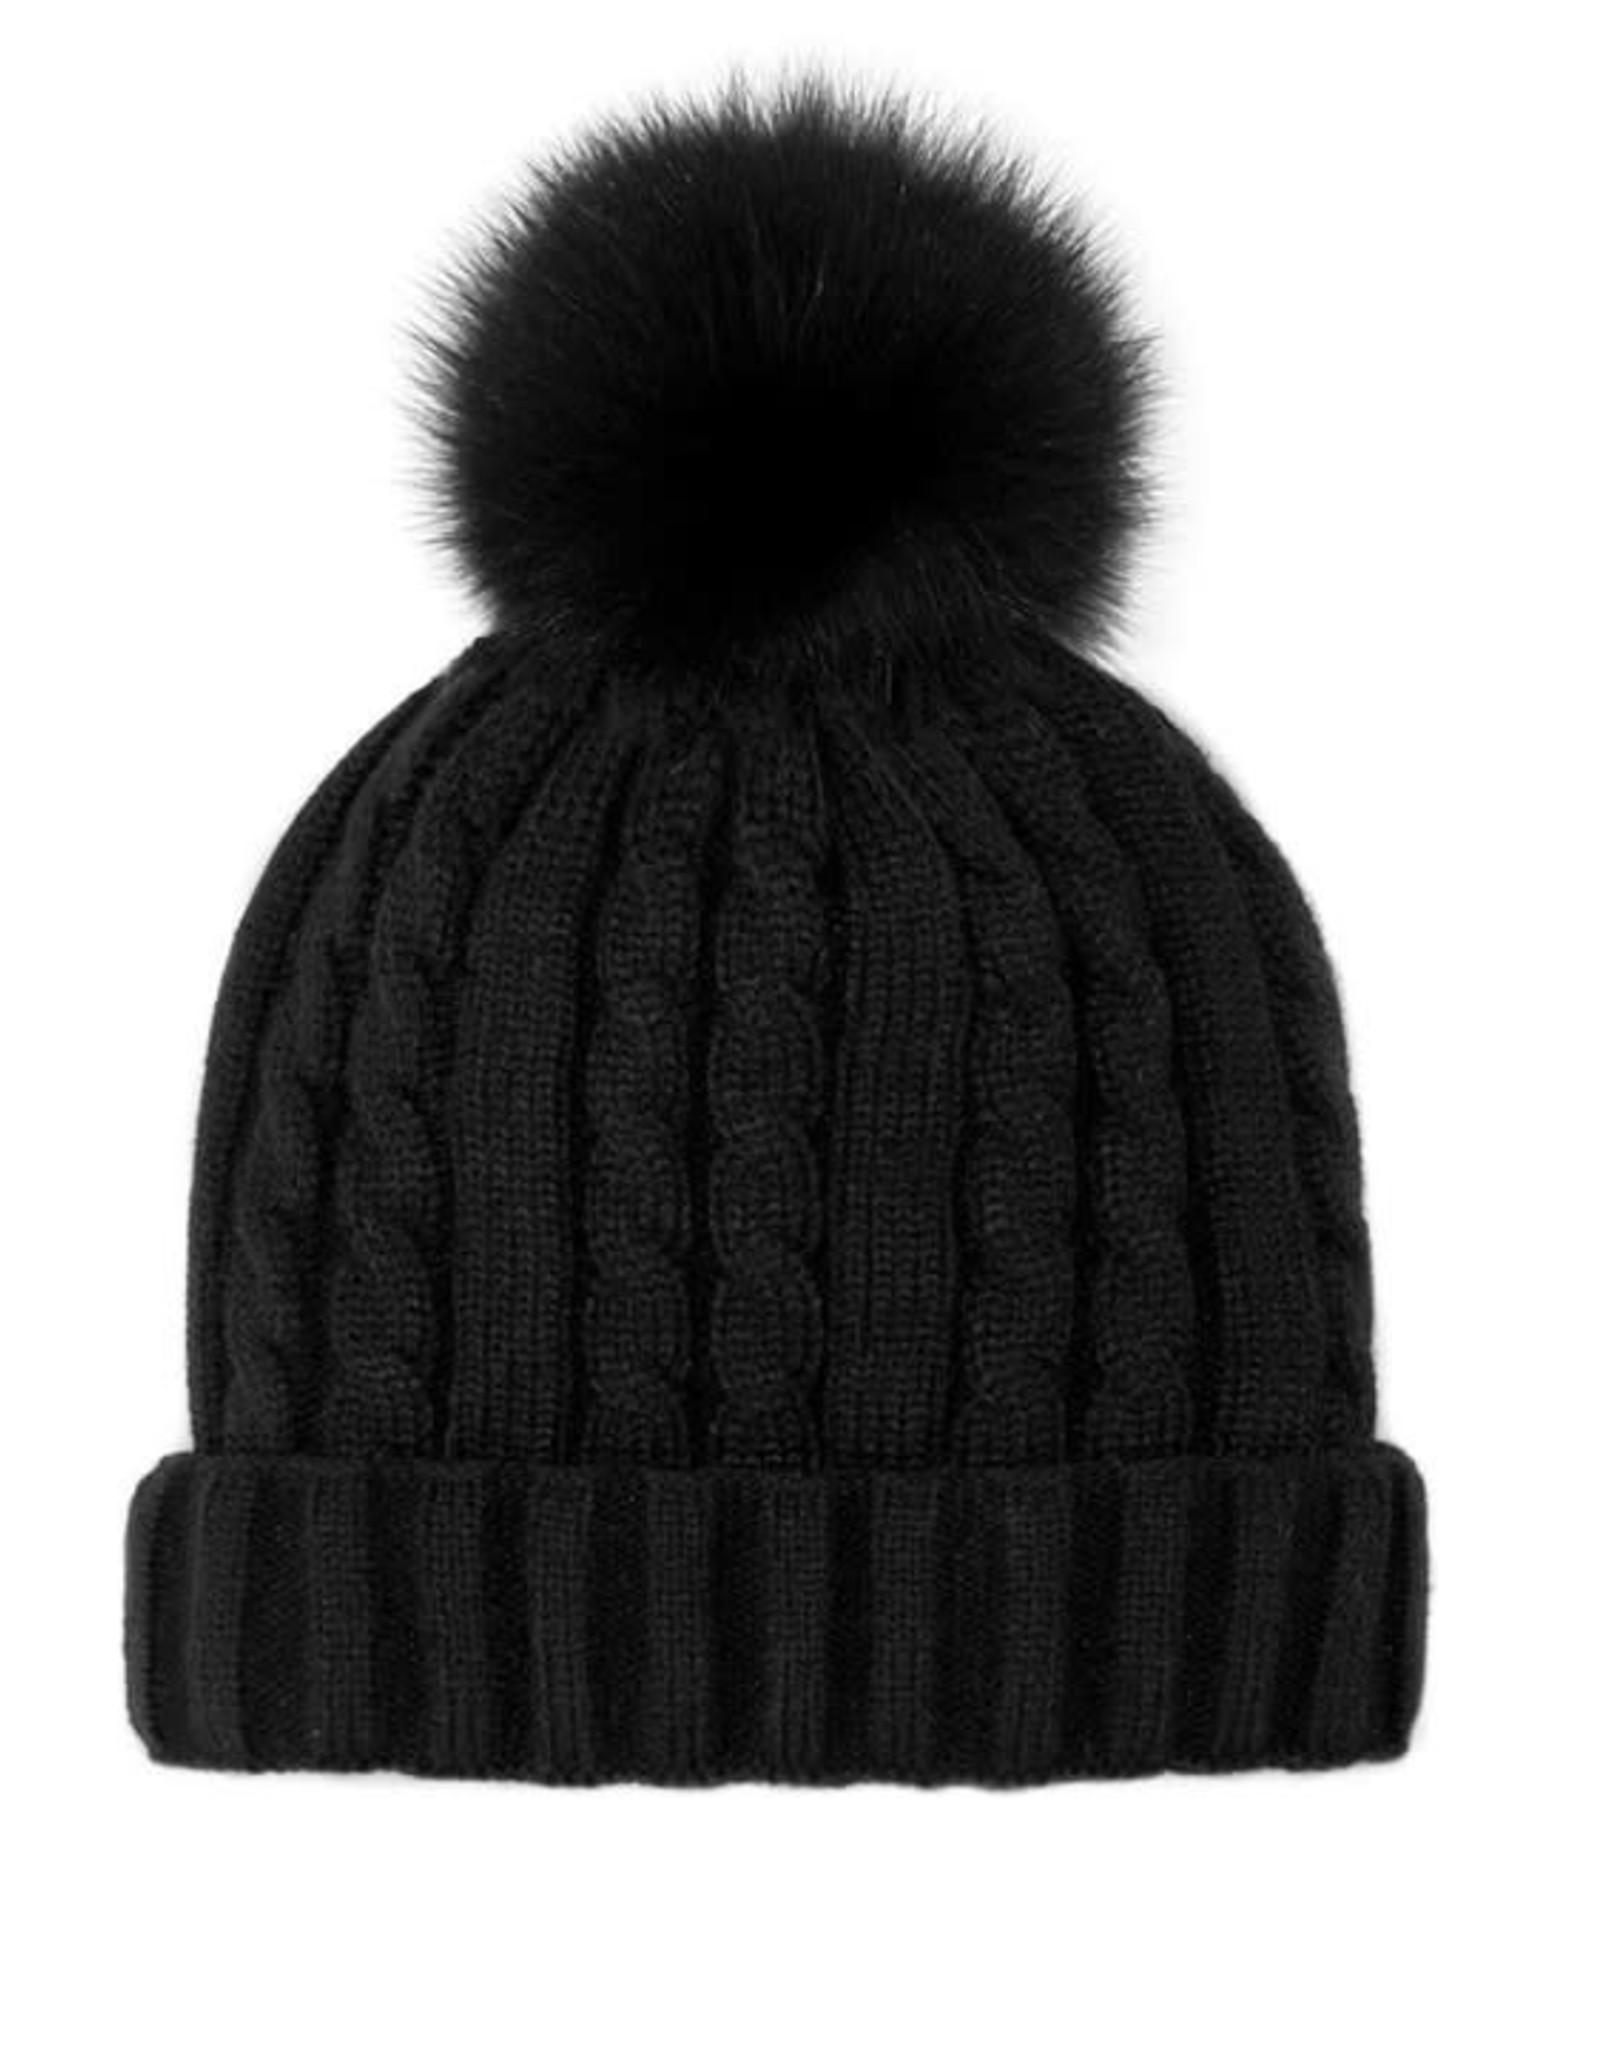 Tuque tricot noir + pompon noir